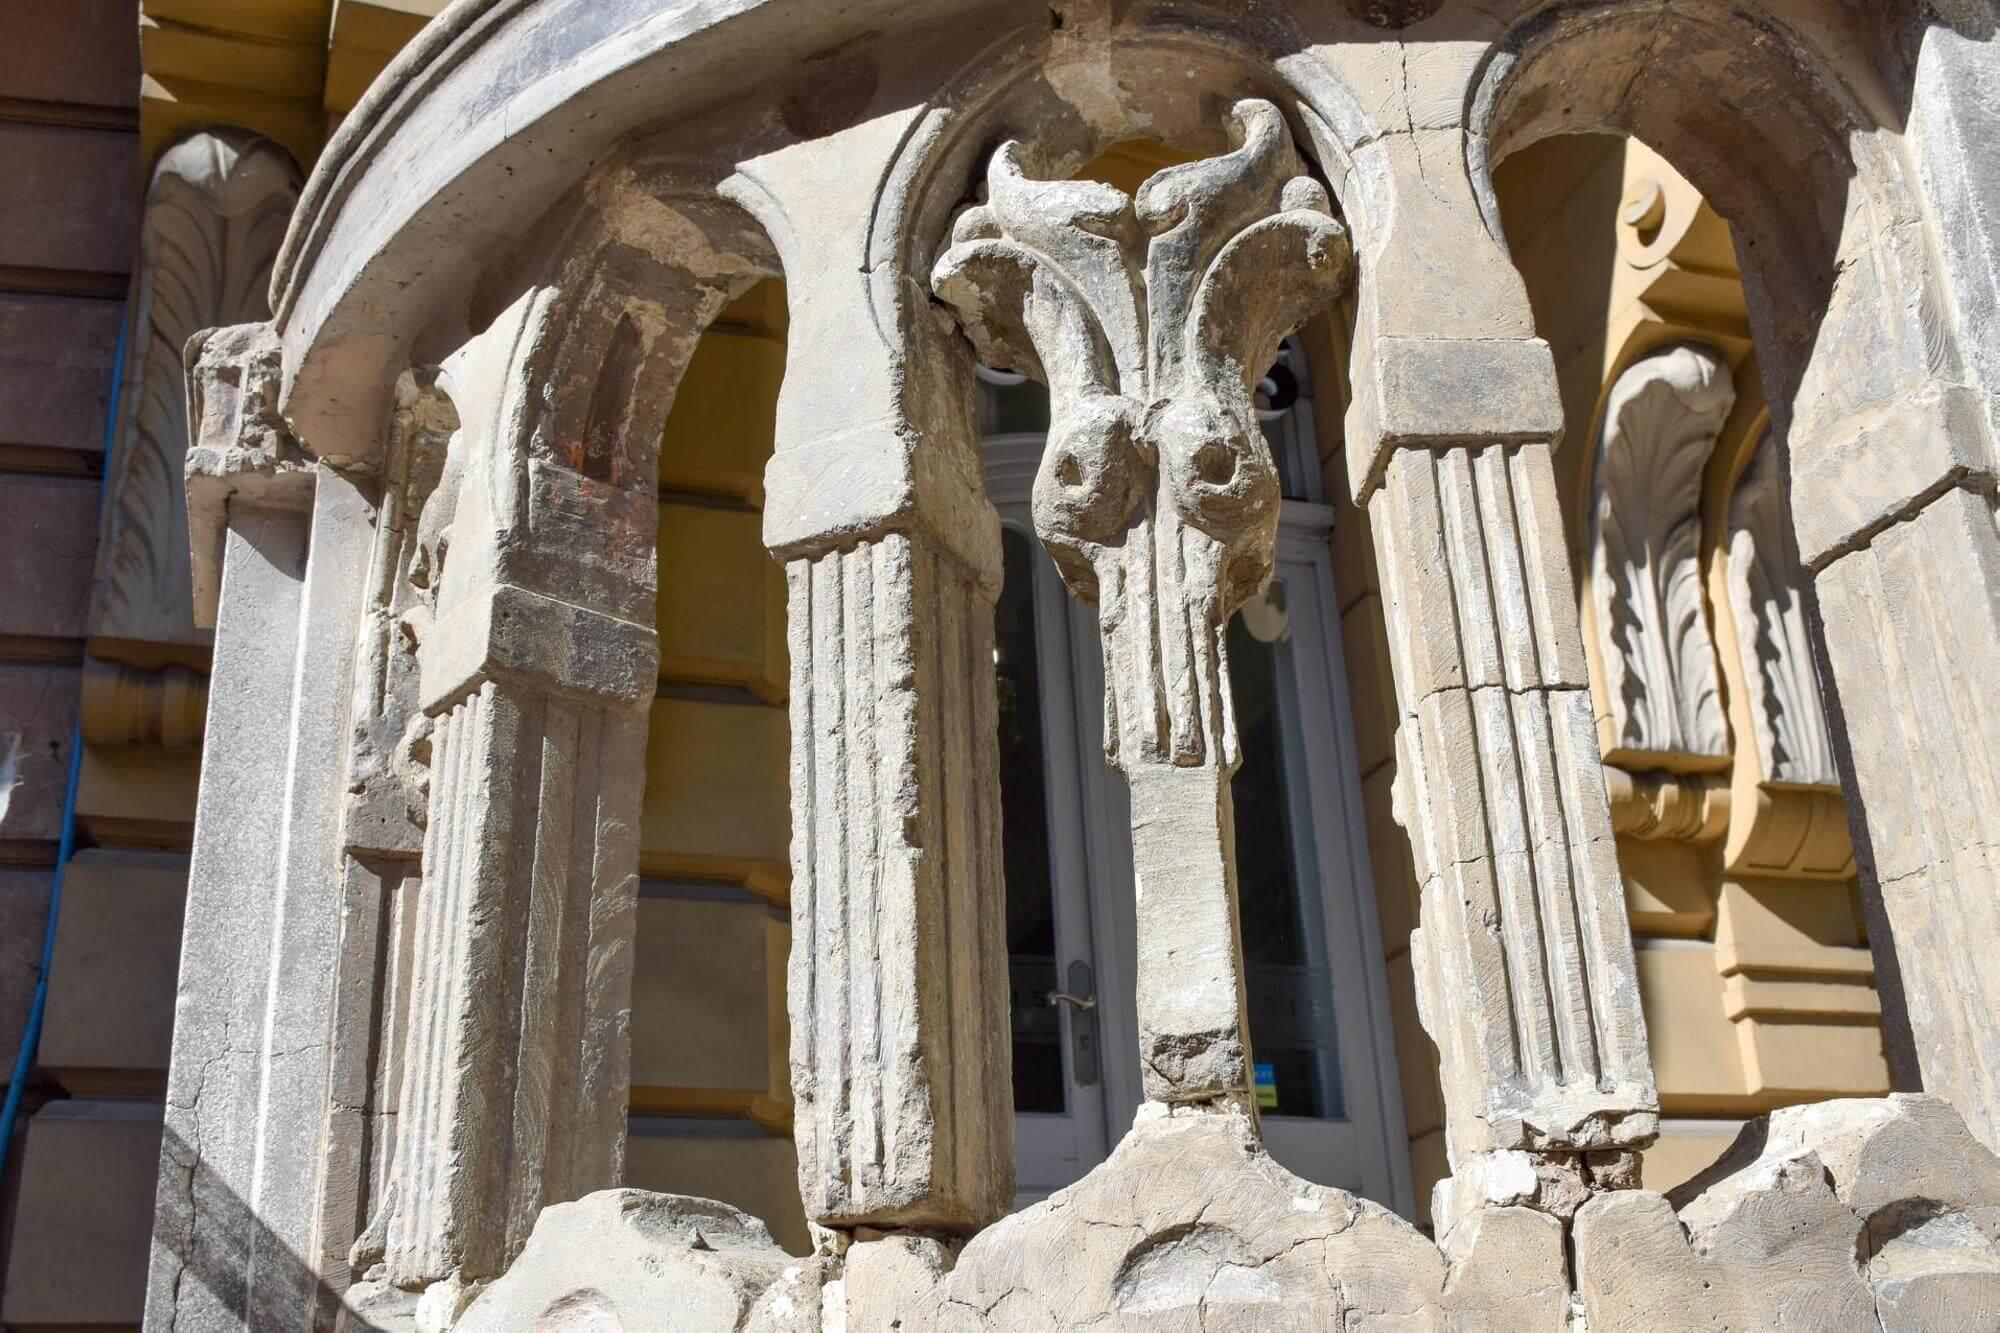 На Короля Данила активно відновлюють старовинну декоративну огорожу (ФОТО)